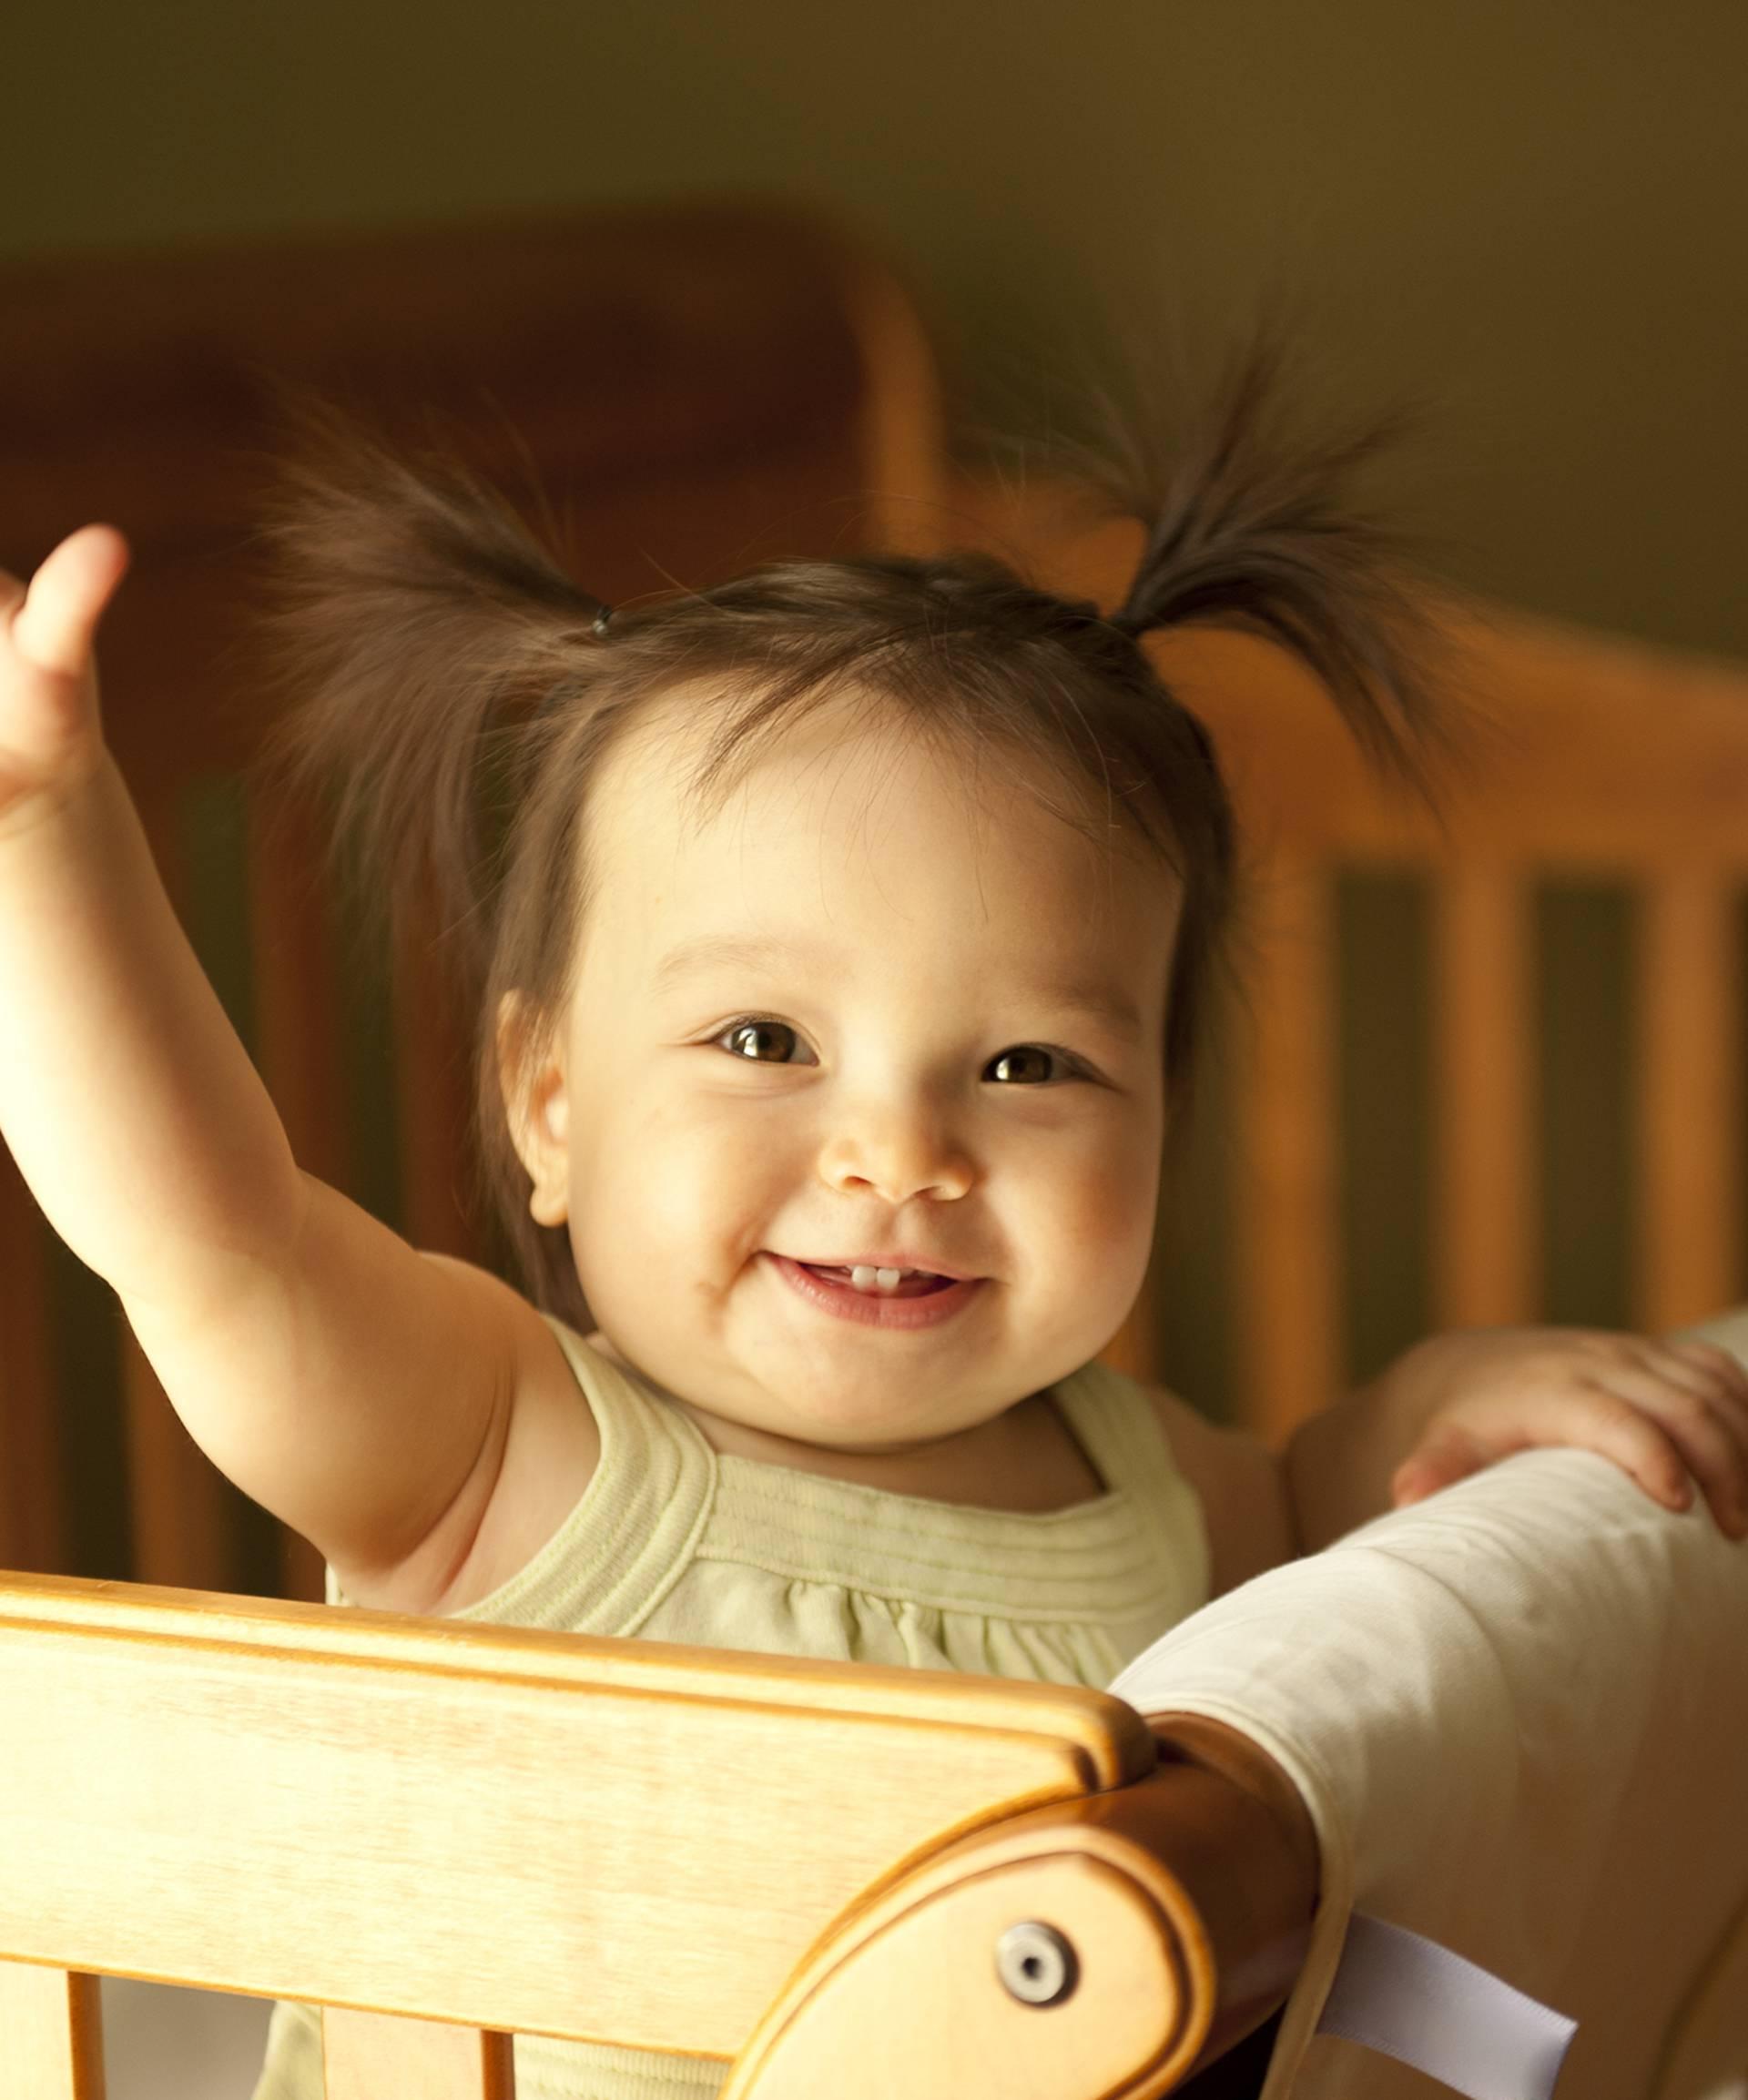 Vjerovanja: Ako trudnica žudi za slatkim, na putu je curica